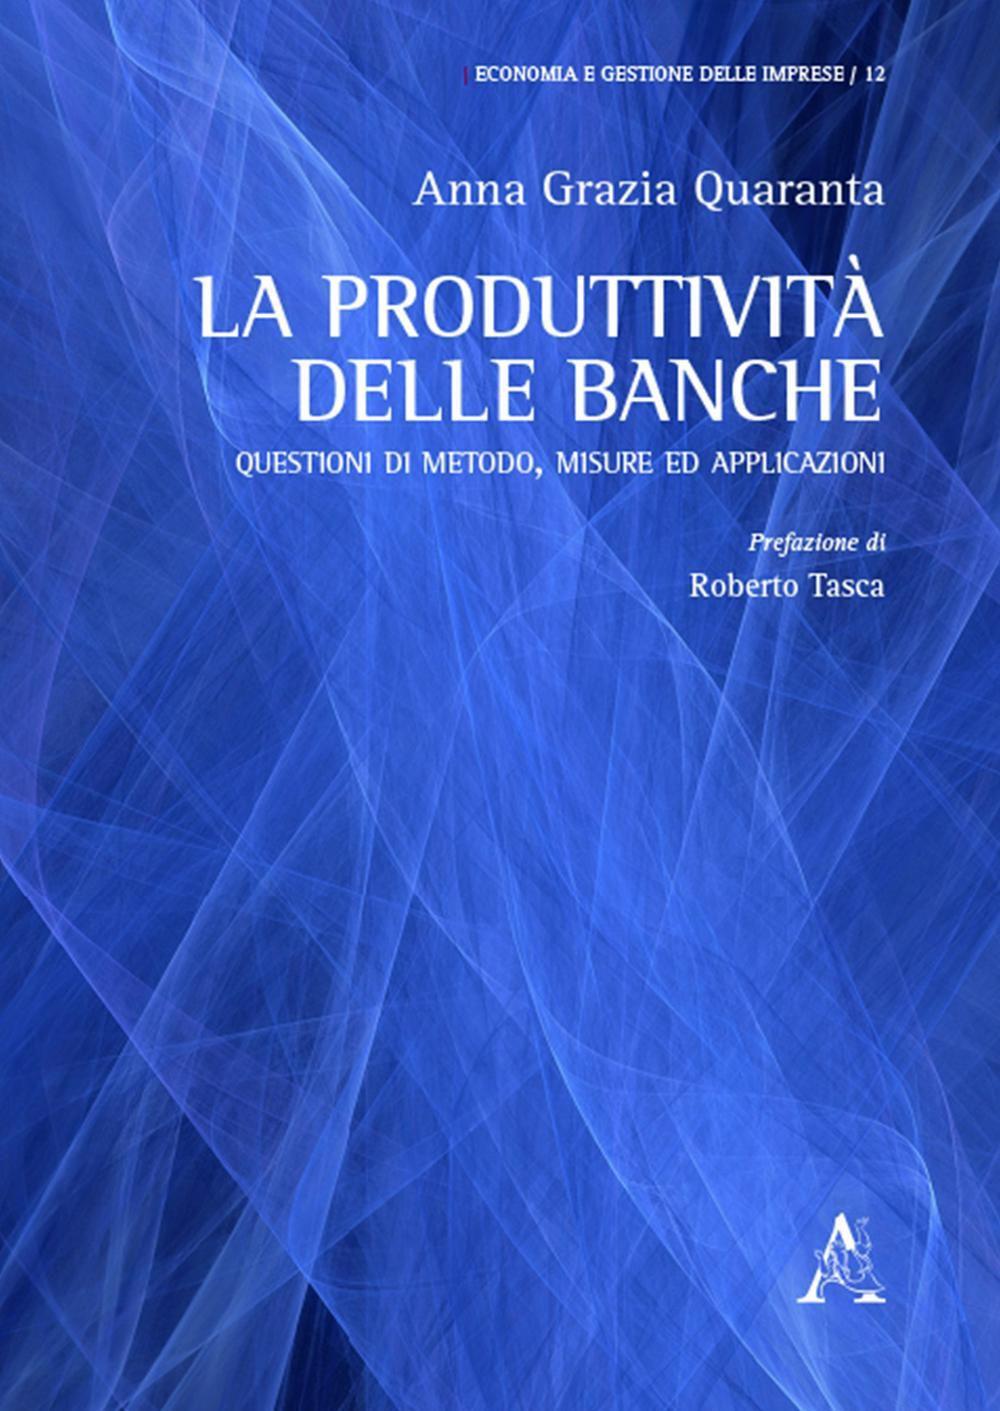 La produttività delle banche: questioni di metodo, misure ed applicazioni. Anna Grazia Quaranta ; prefazione di Roberto Tasca